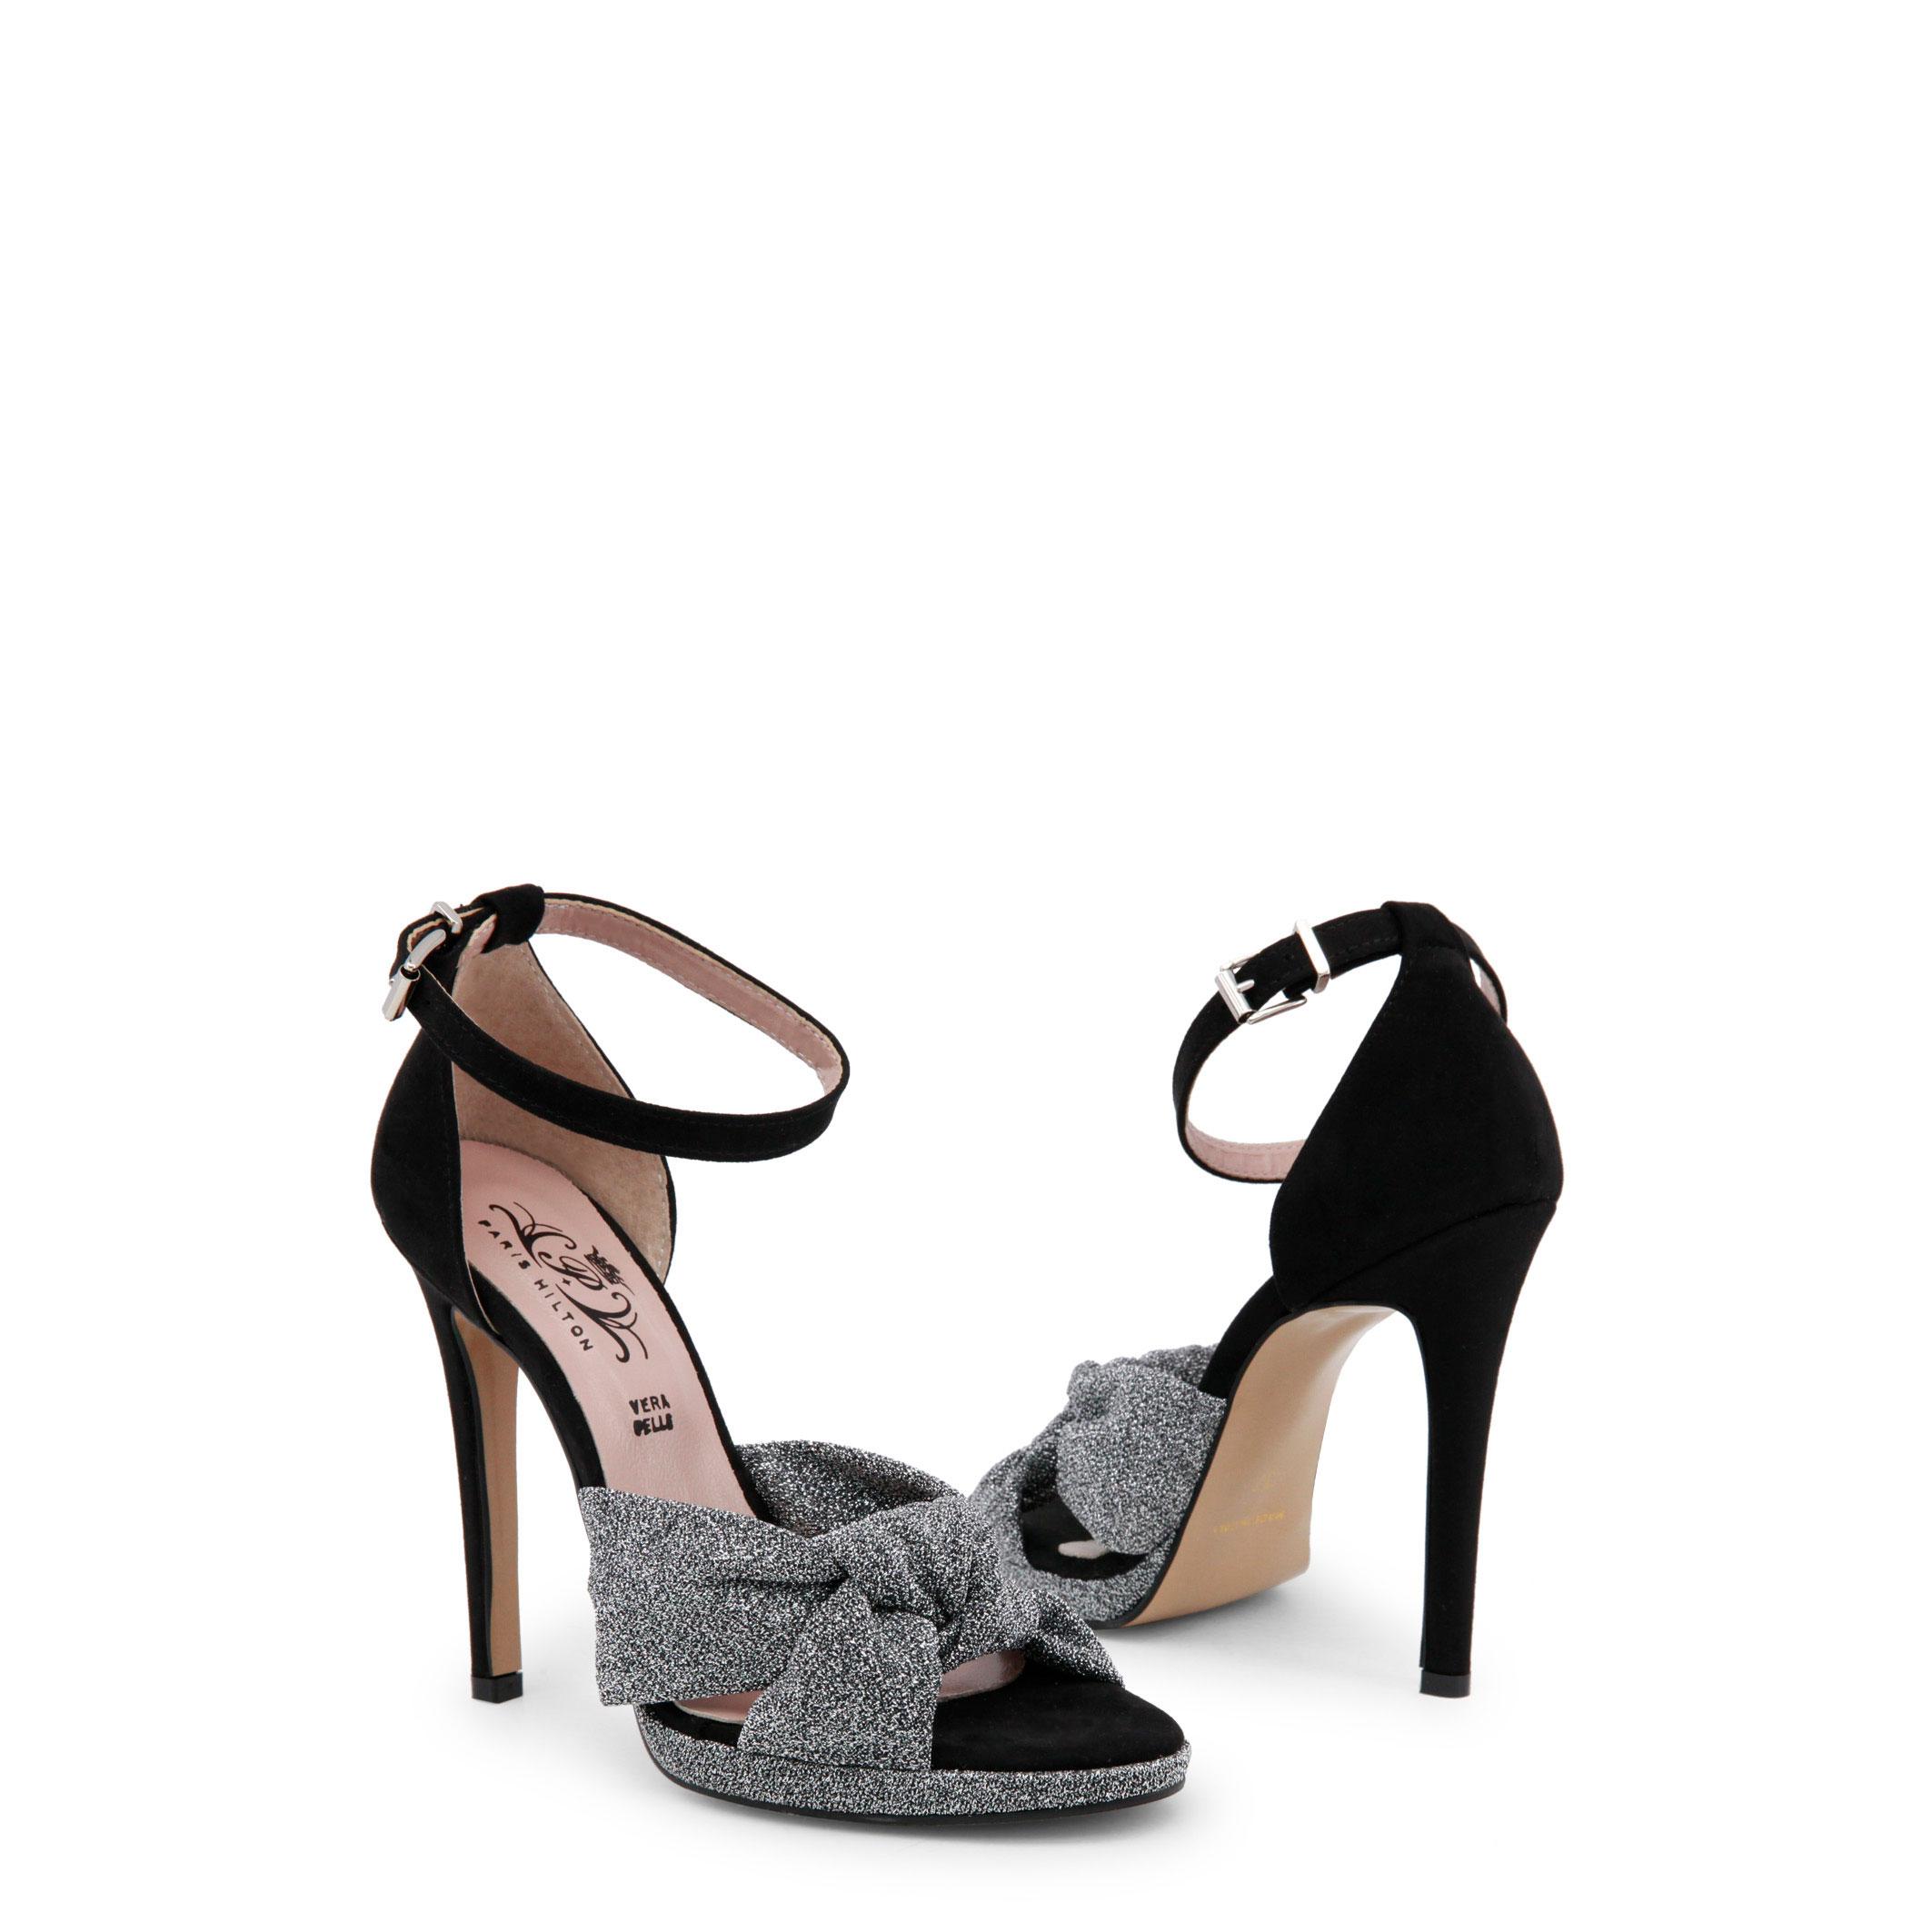 Paris-Hilton-Designer-Markenschuhe-Schuhe-Damen-Sandalette-Schwarz-Schuh Indexbild 2